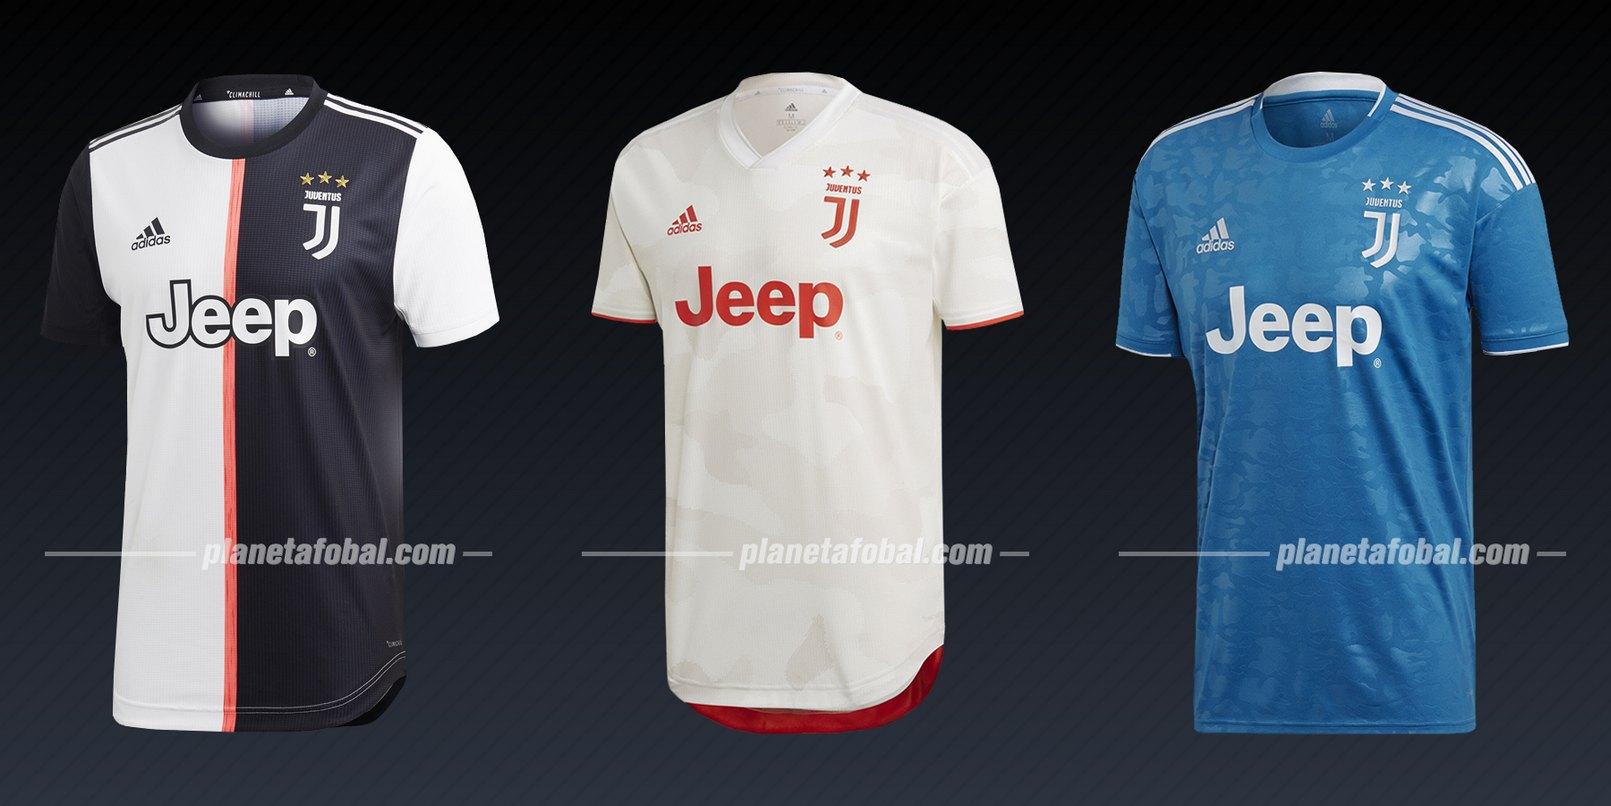 Juventus (Adidas) | Camisetas de la Liga de Campeones 2019/20